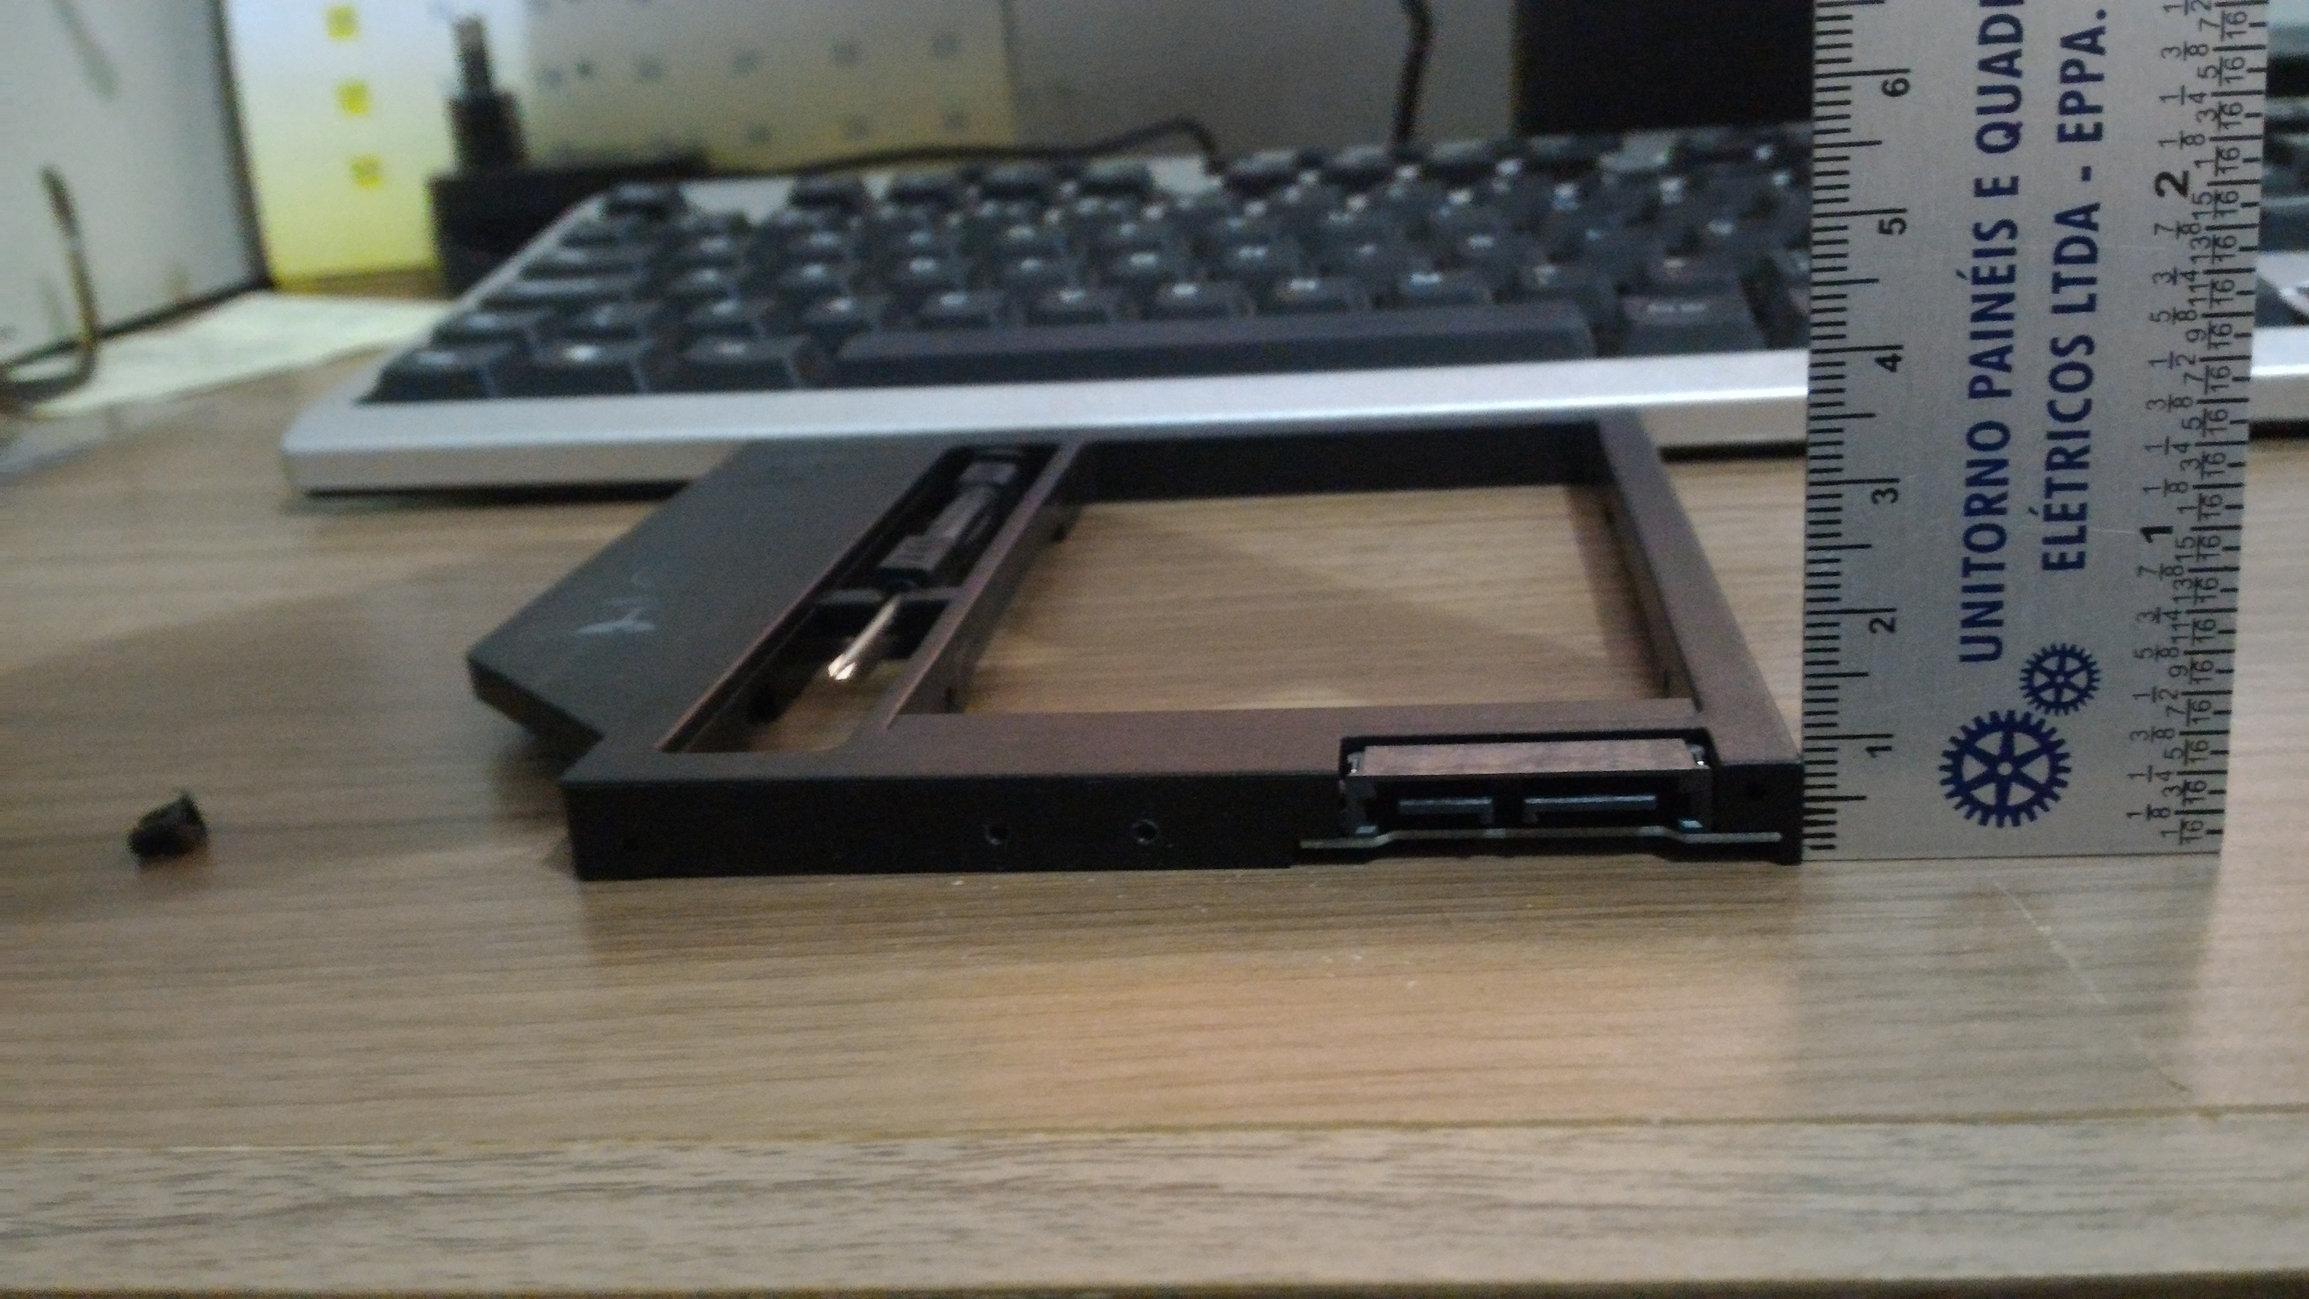 Acer Vx 15 I5 8 Ram Memria E Ssd M2 Qual Compatvel Wd Green 120gb Sata 6gb S Jerman Outra Coisa Que Exite